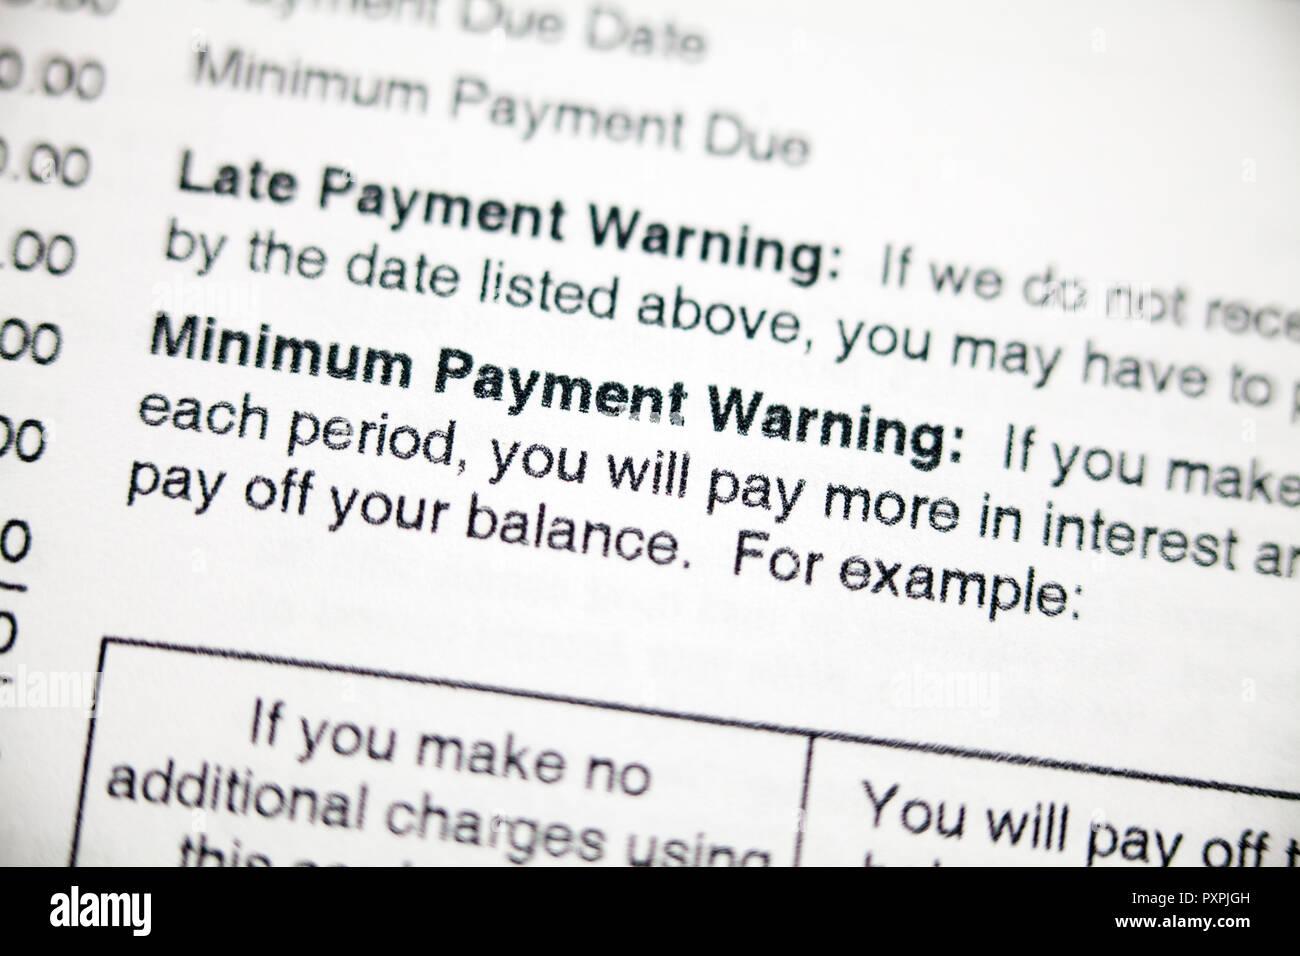 Pagamento tardivo di avvertimento e di pagamento minimo di avvertimento sulla dichiarazione della carta di credito - USA Foto Stock